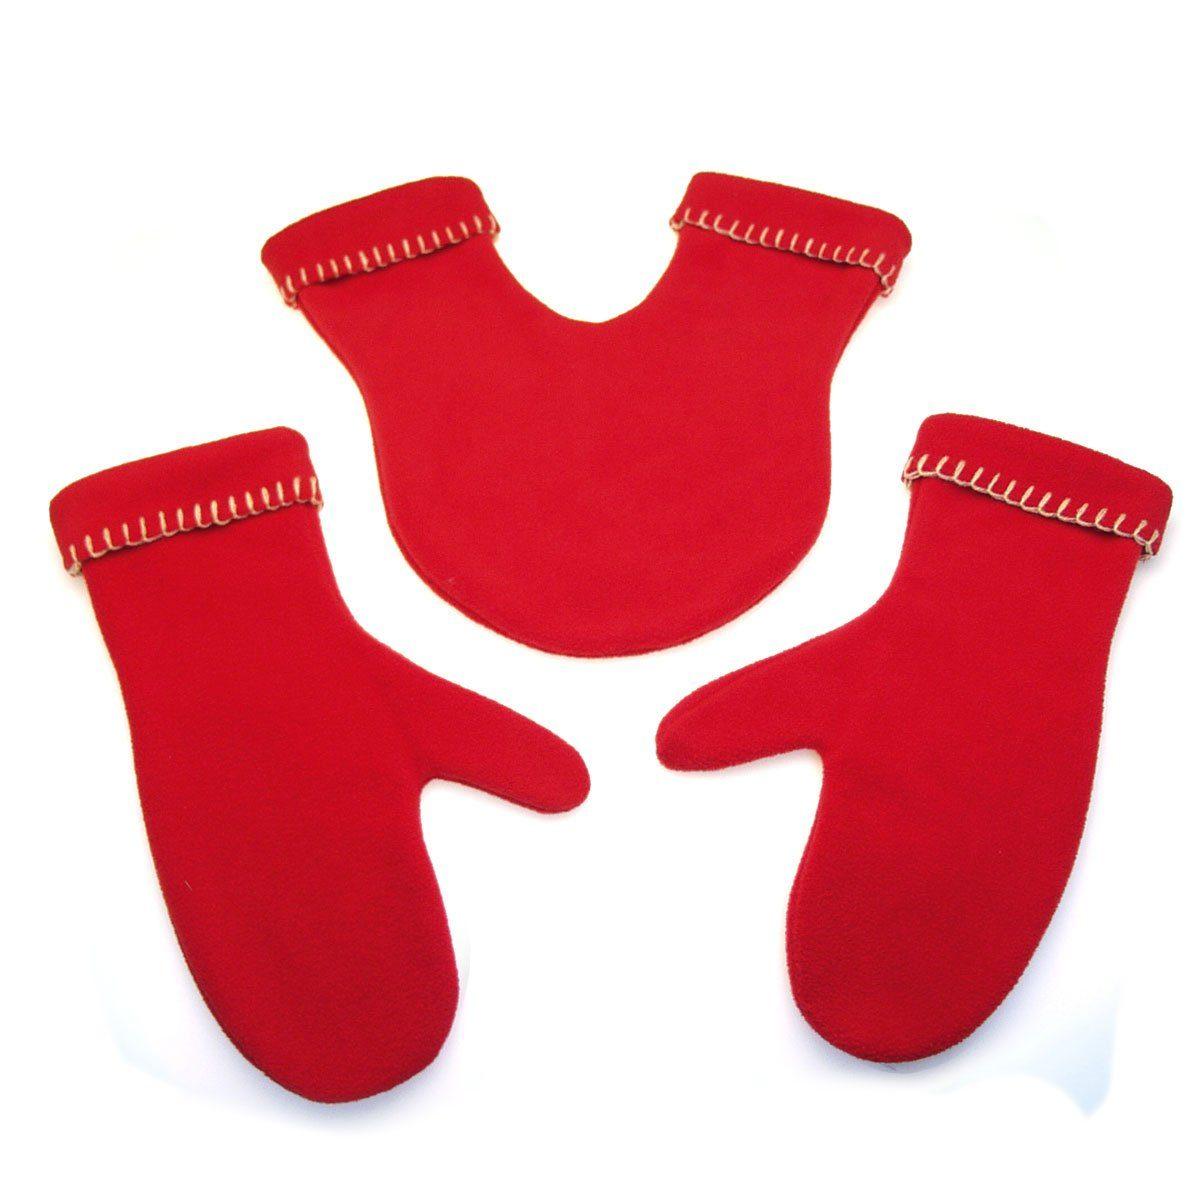 Radius Radius Handschuhe GLOVERS rot